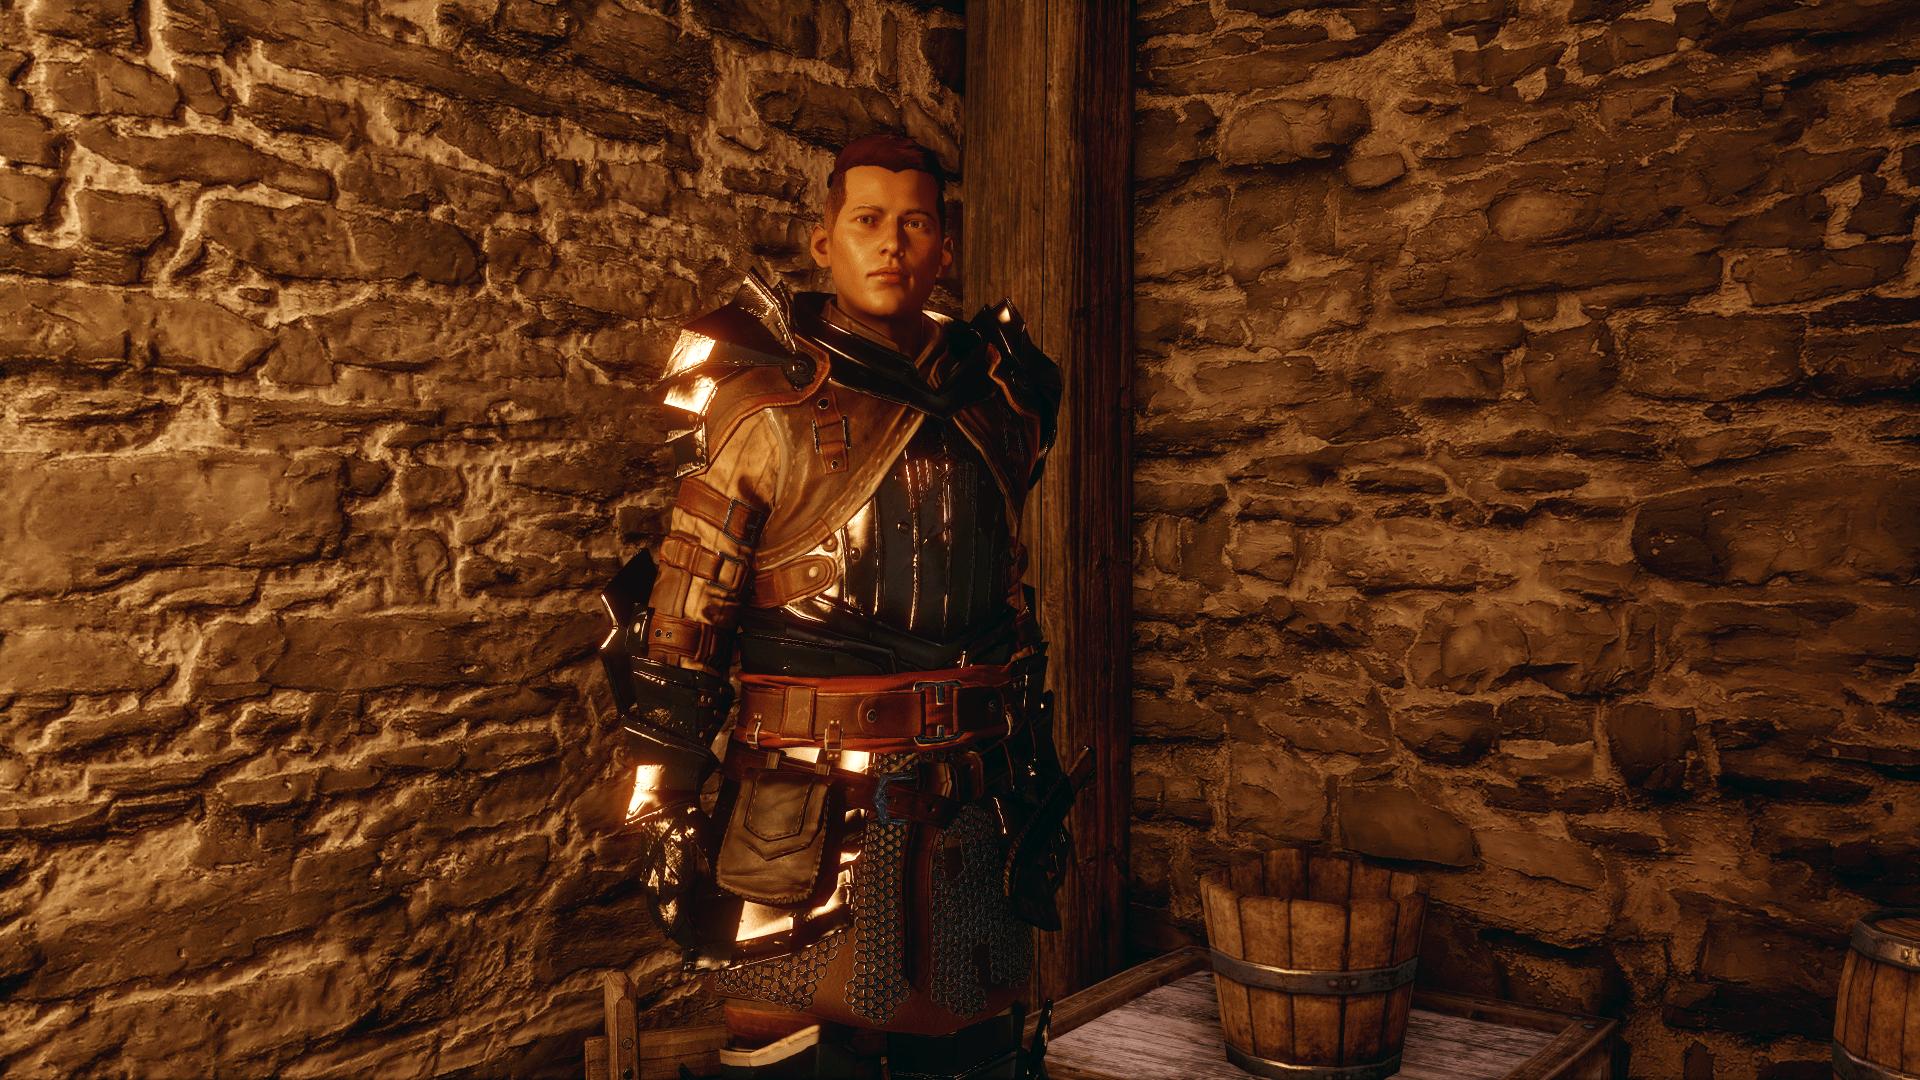 Resultado de imagem para Cremisius Aclassi dragon age inquisition